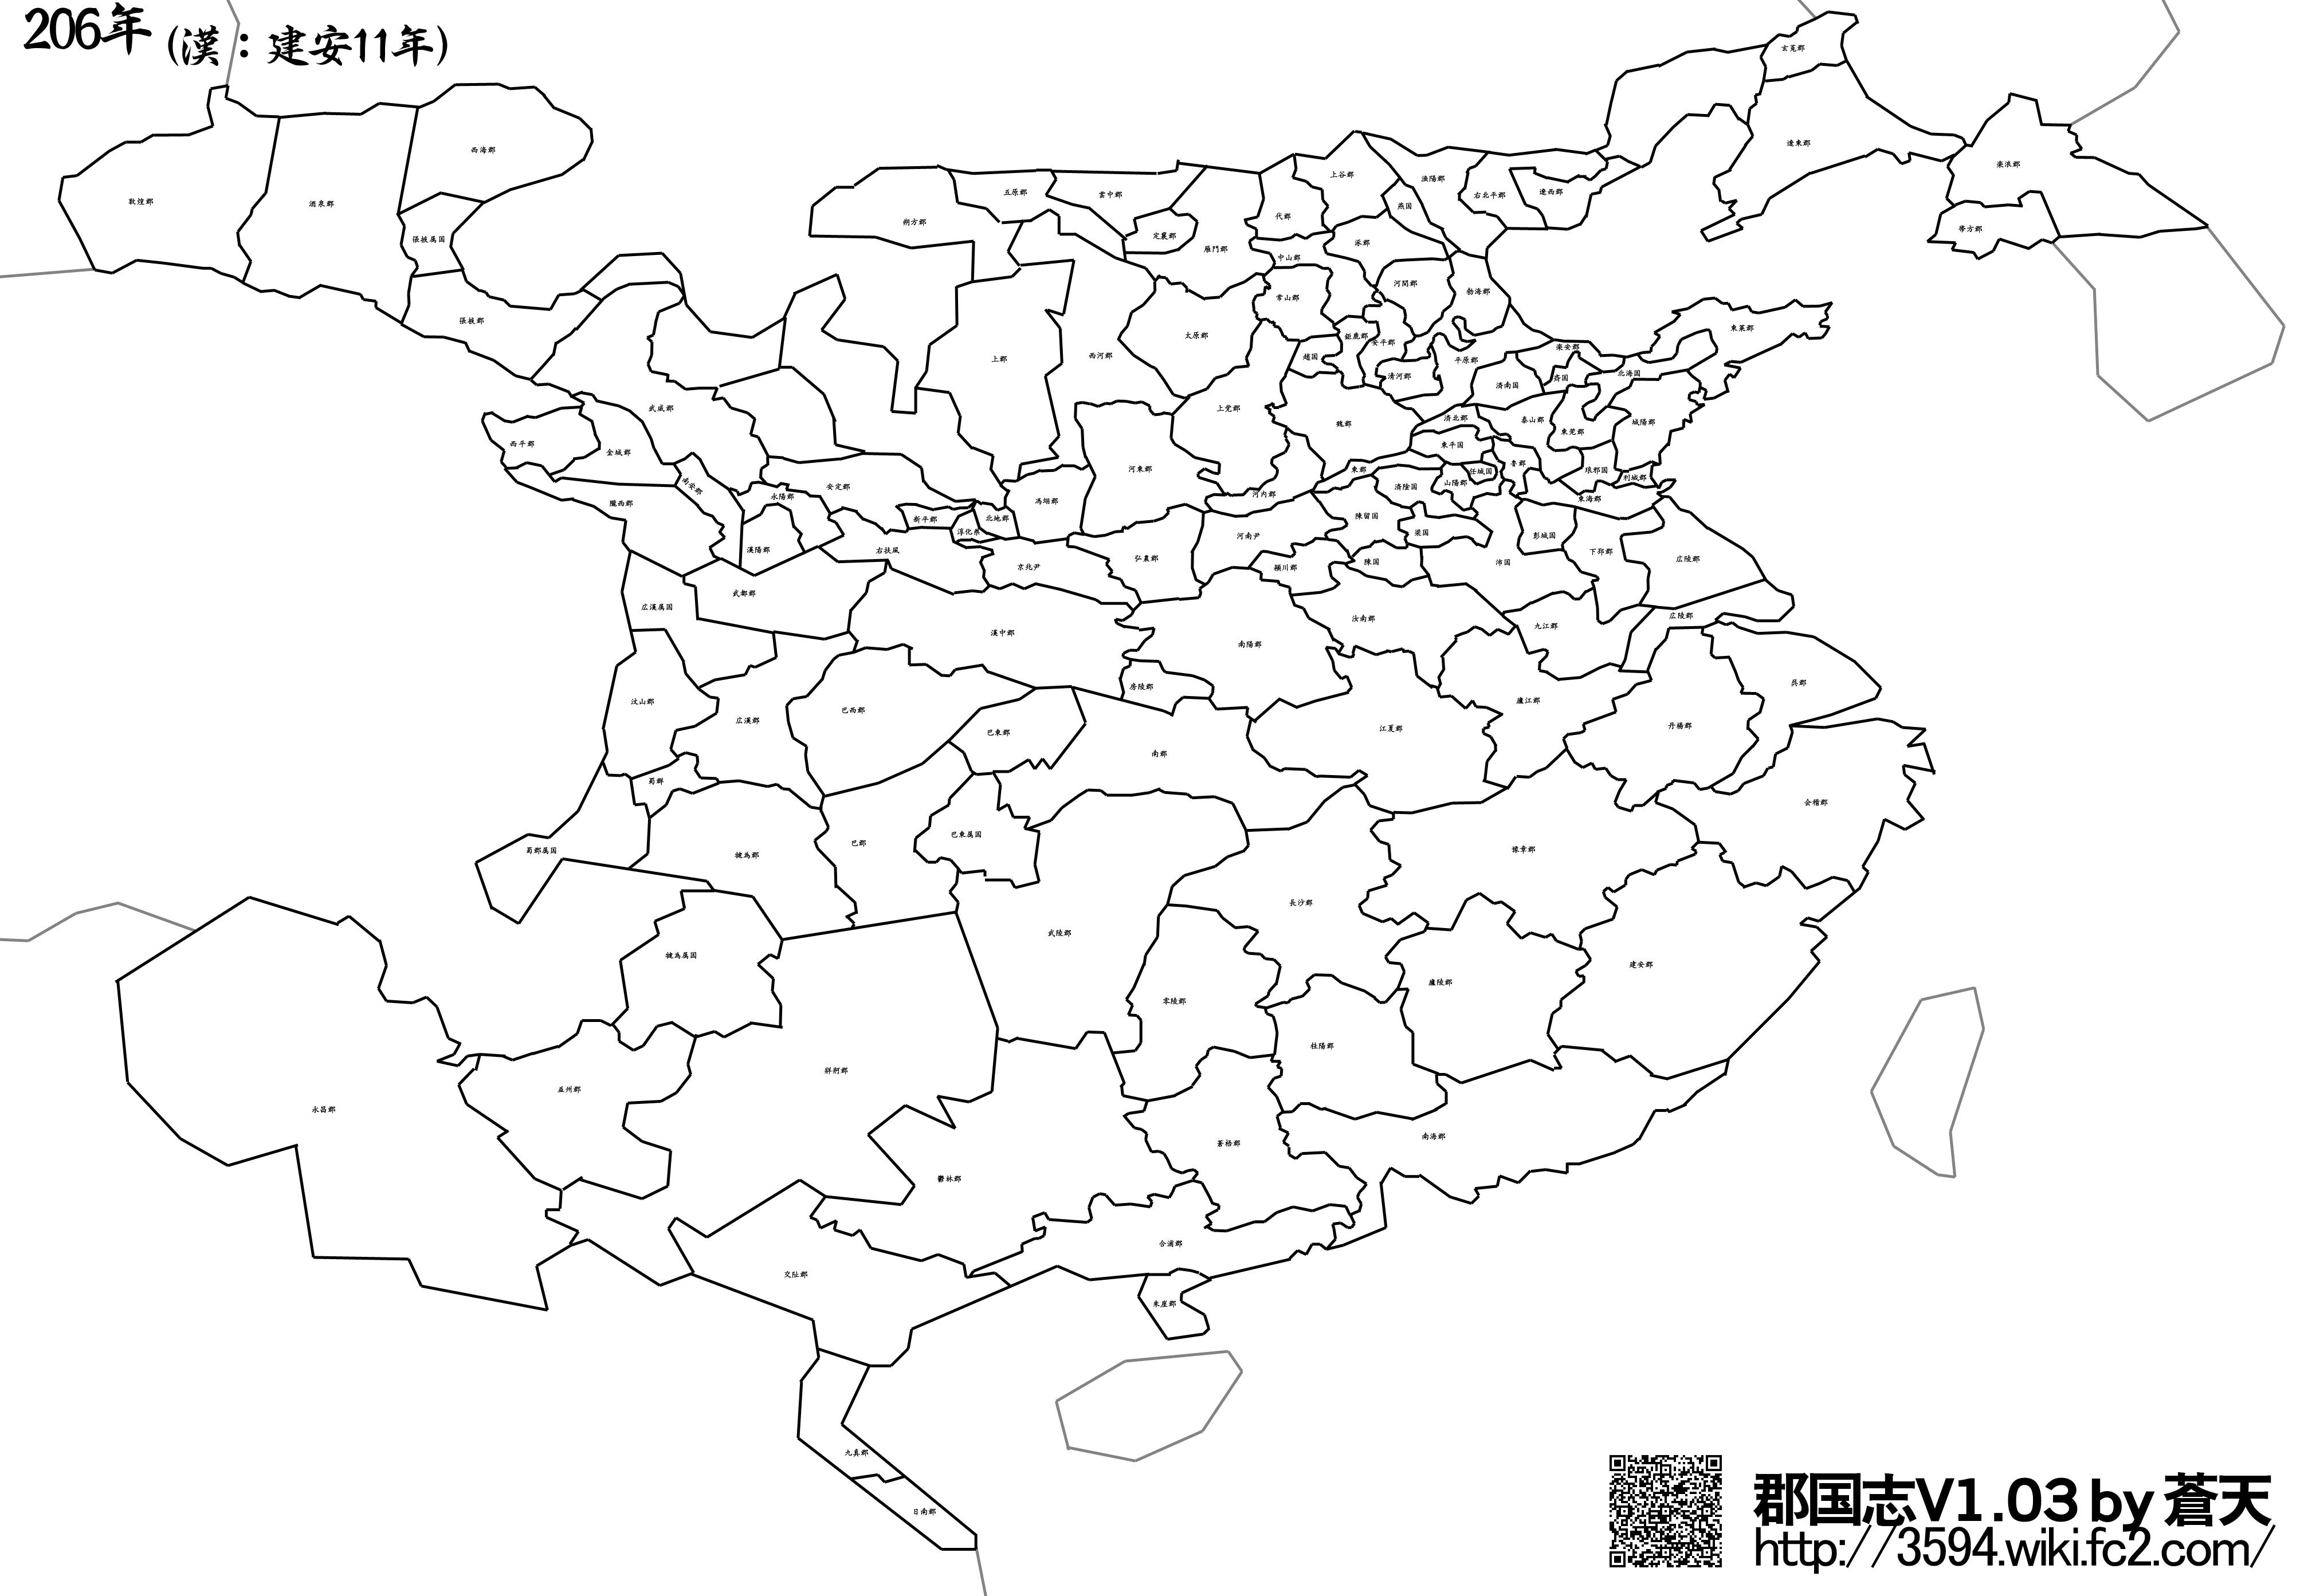 郡国志v103_206年